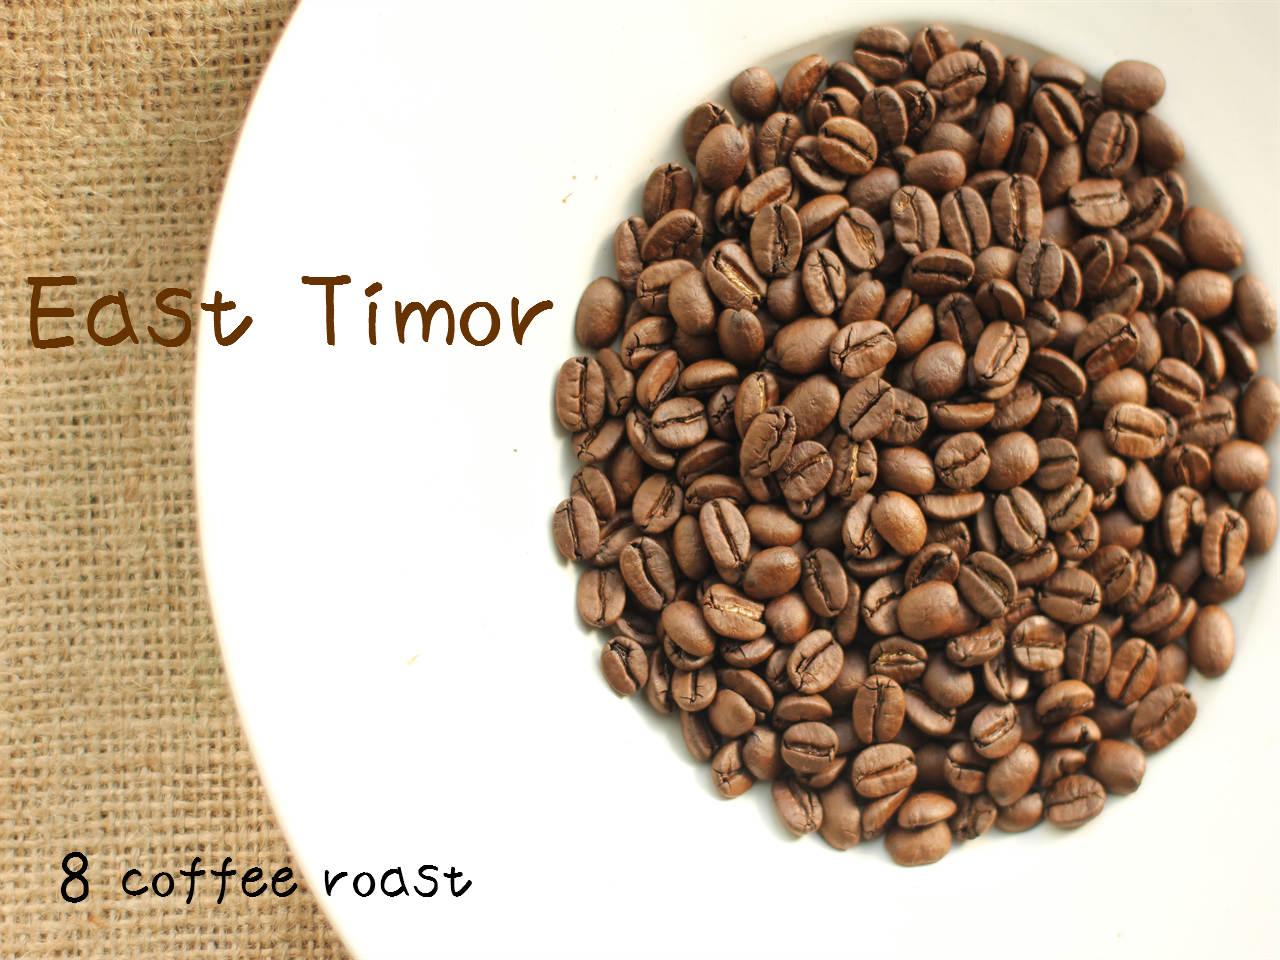 再入荷 優先配送 コーヒー焙煎豆 東ティモール 80g 内容量 サントモンテ 人気の製品